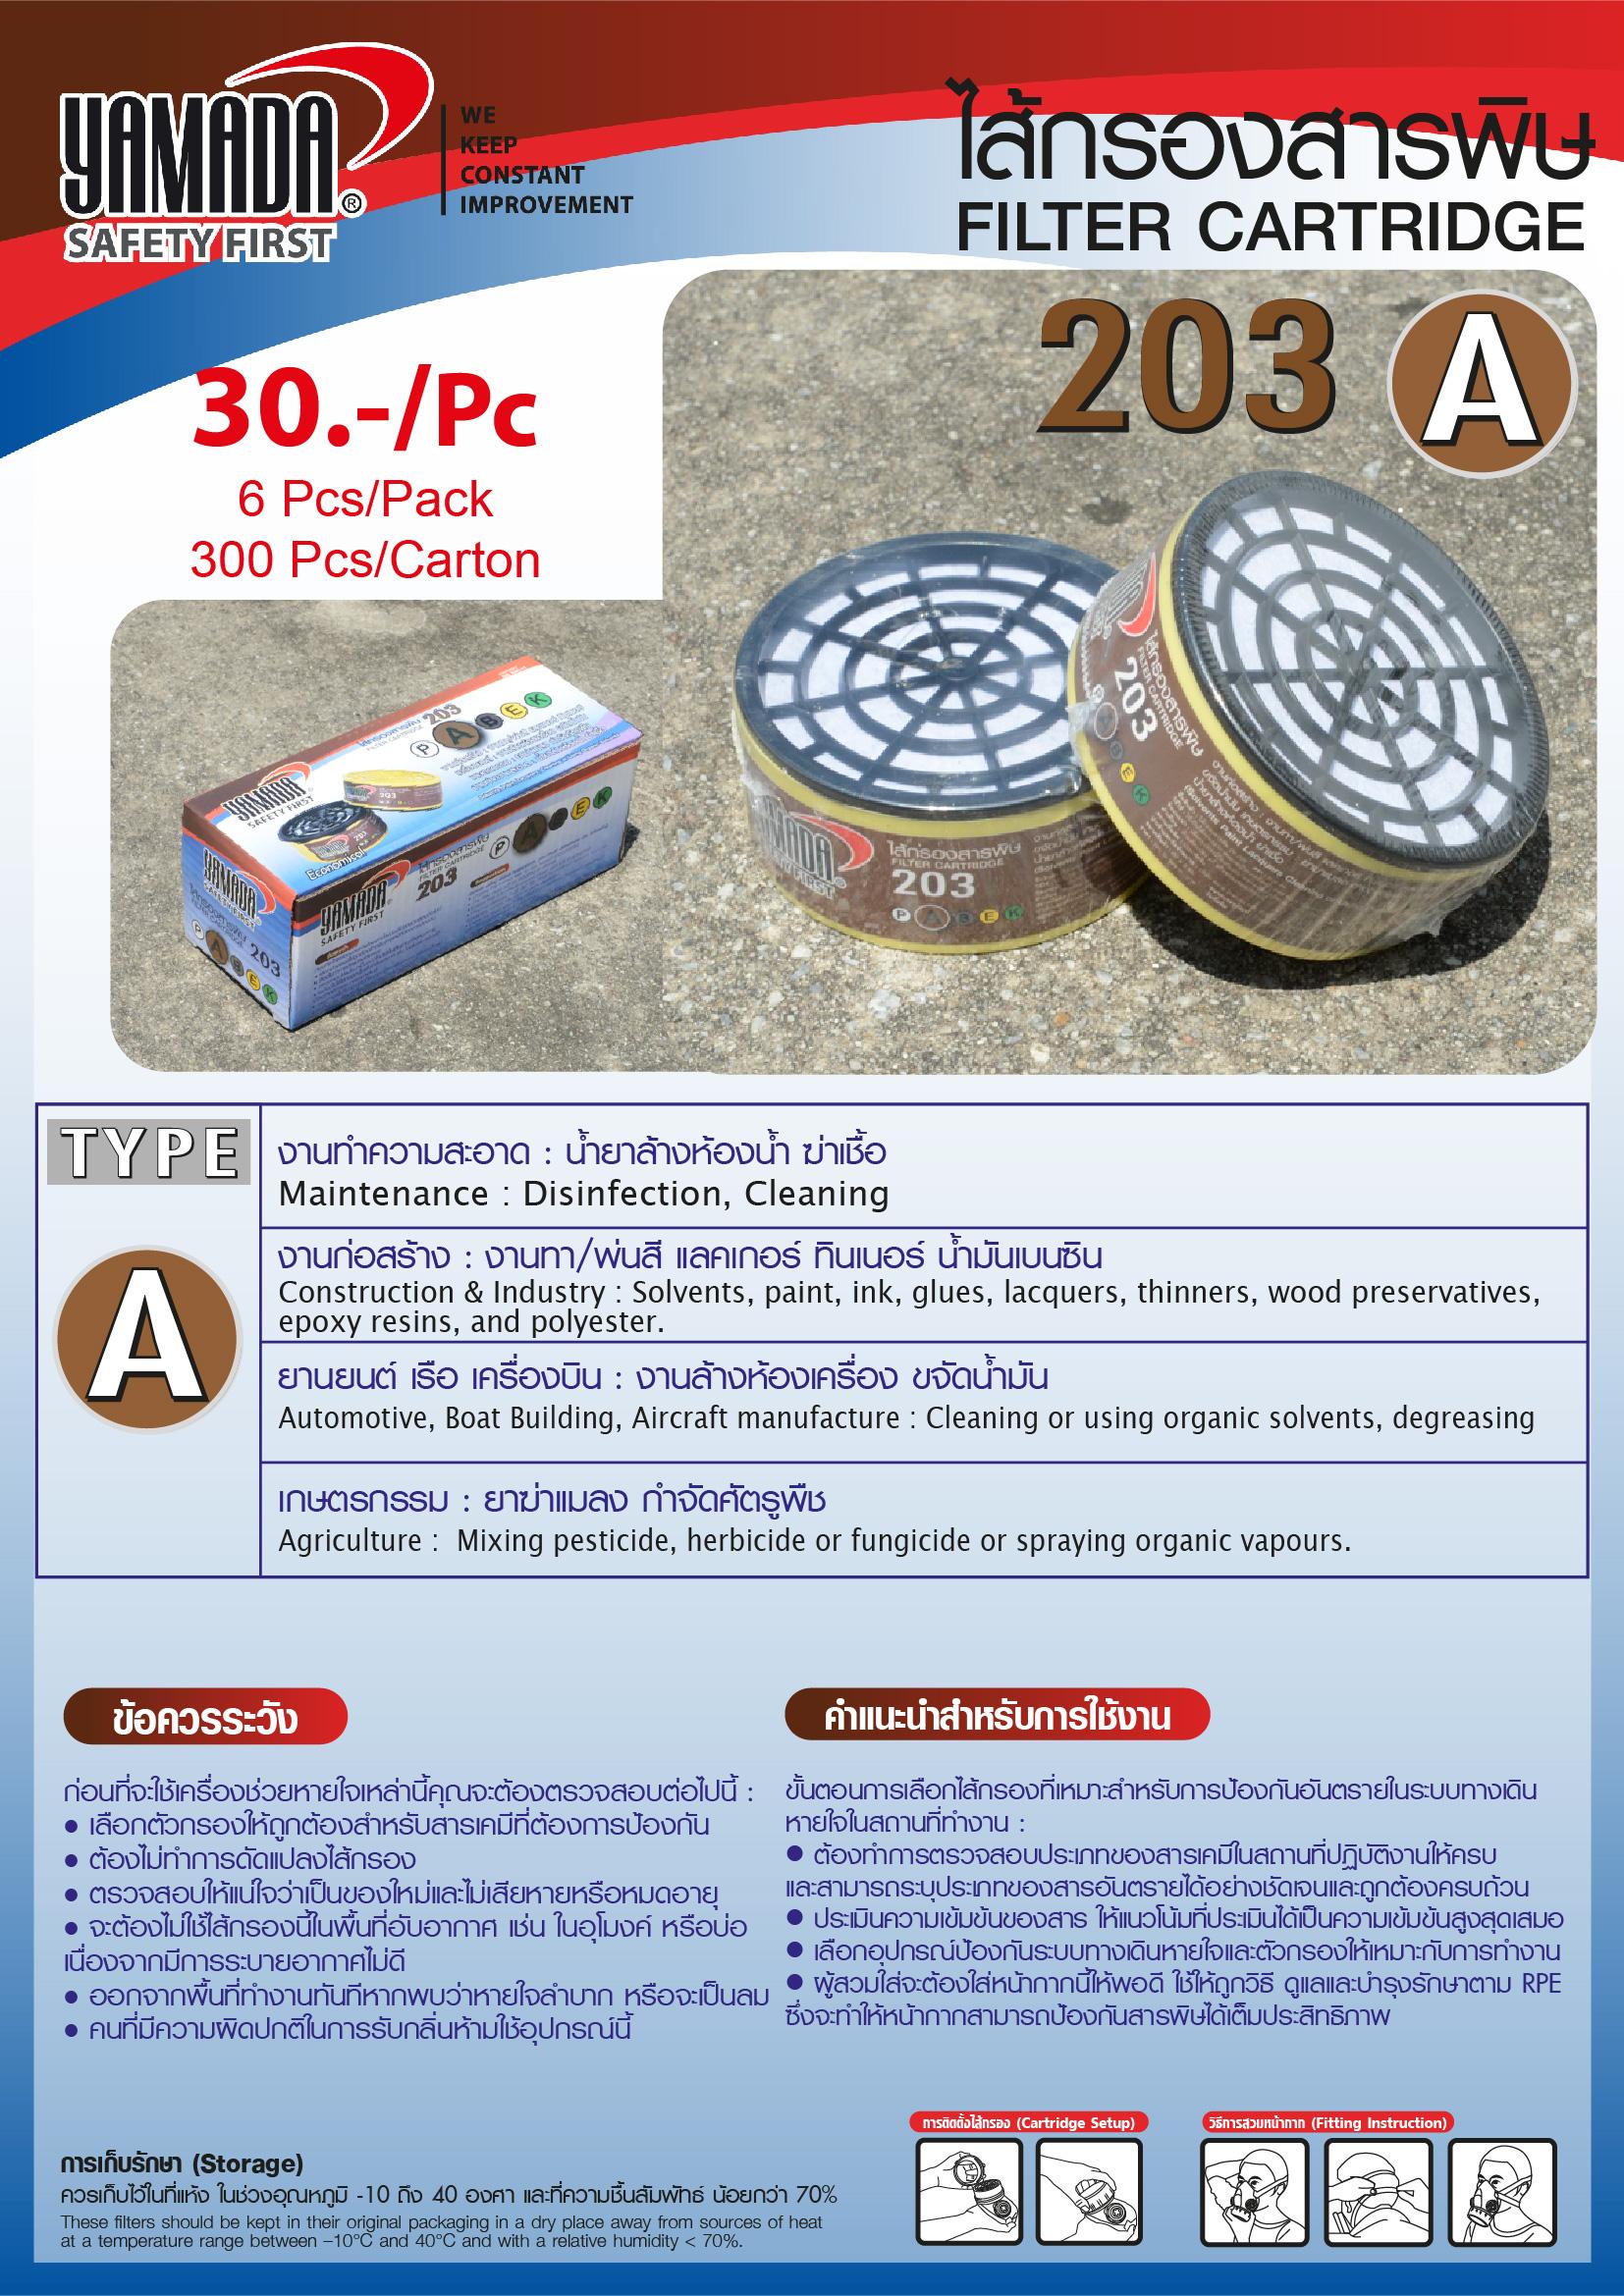 (53/278) ไส้กรองสารพิษ 203 TYPE A / Filter Cartridge